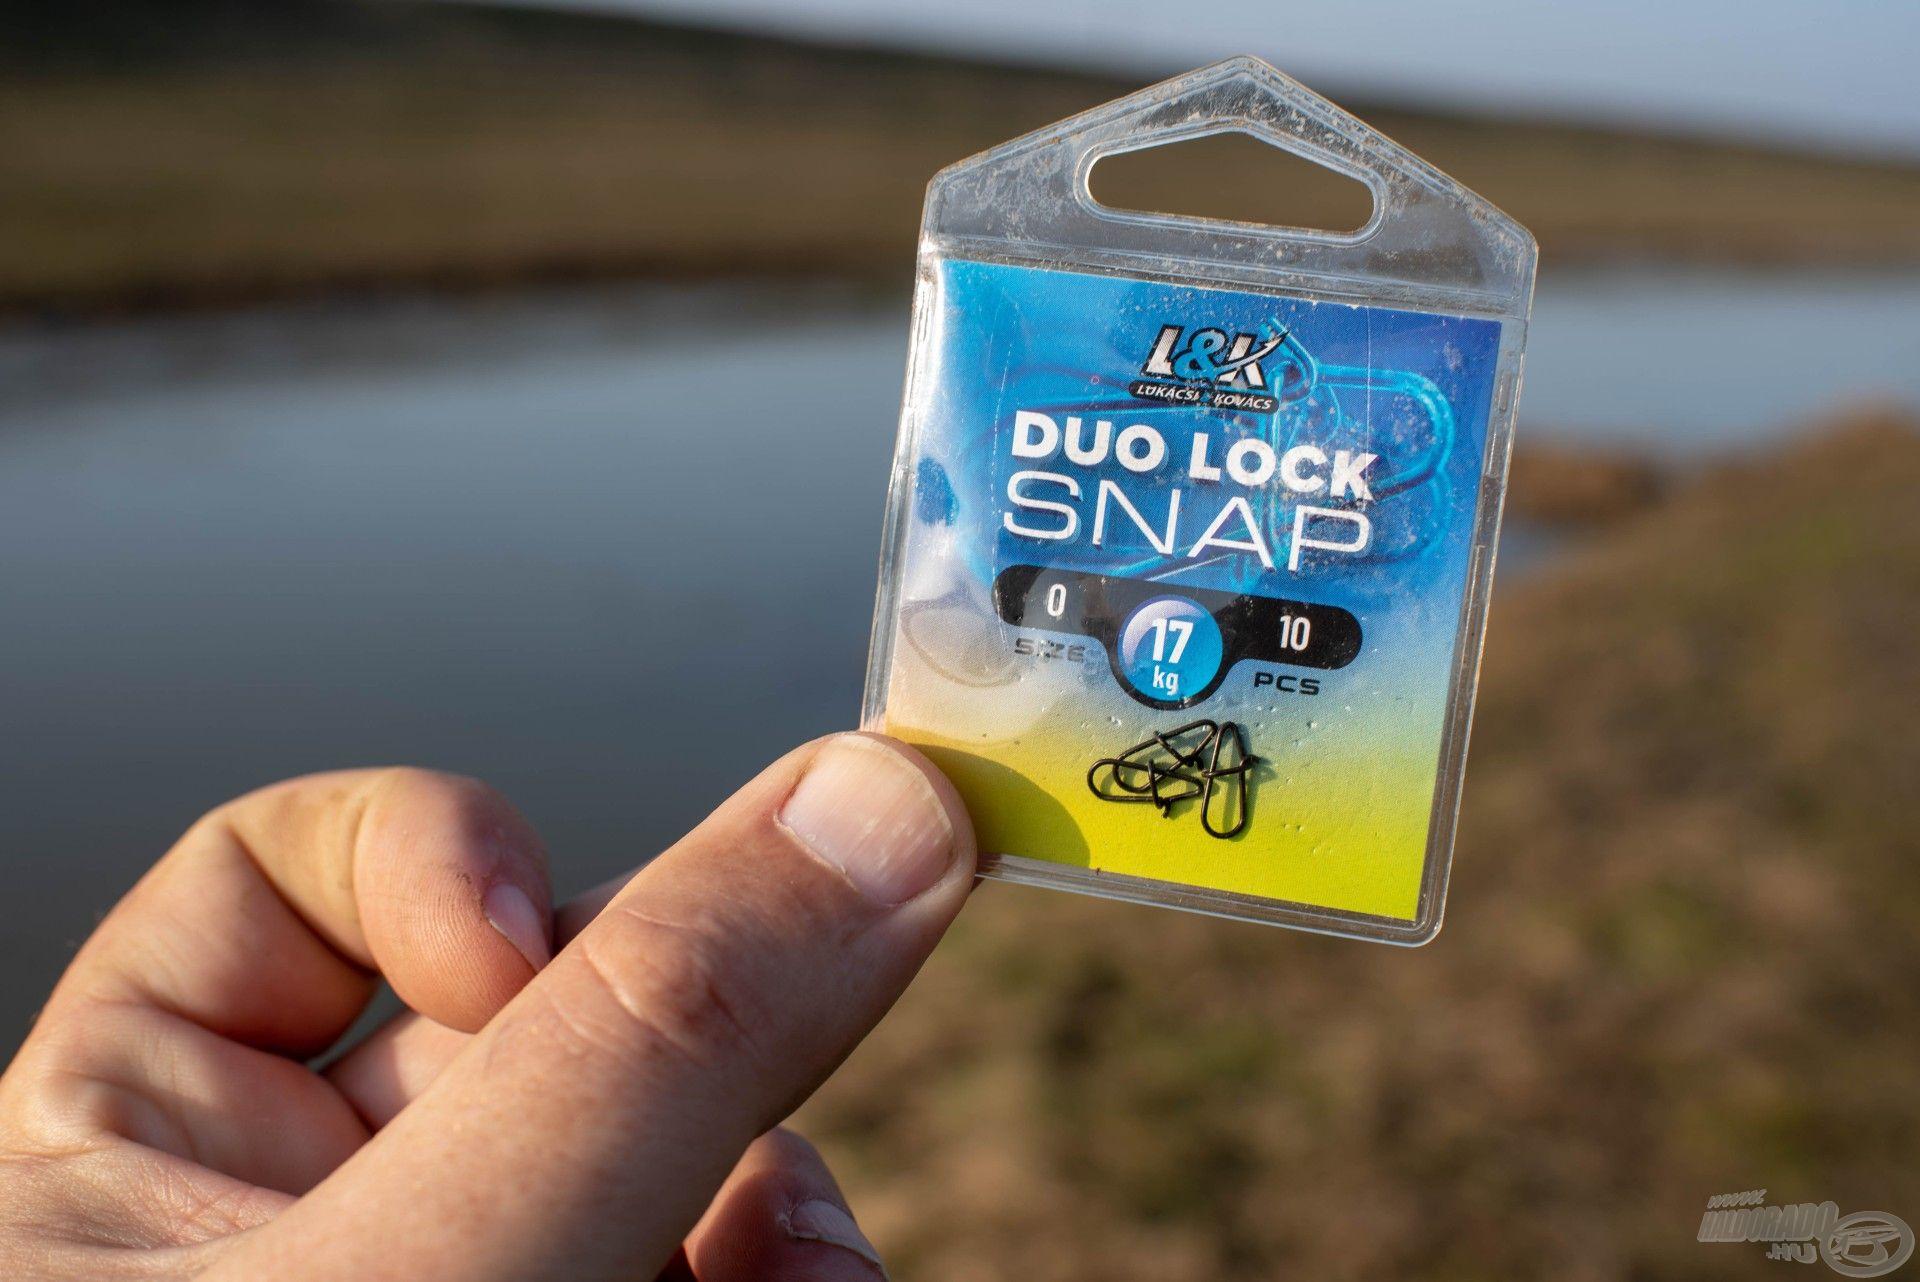 Az L&K snap kapcsok rendkívül erősek, és ami fontos, feketék, így nem keltenek gyanakvást a ragadozókban – a fényes változatokkal tiszta vízben viszont lehetnek problémák